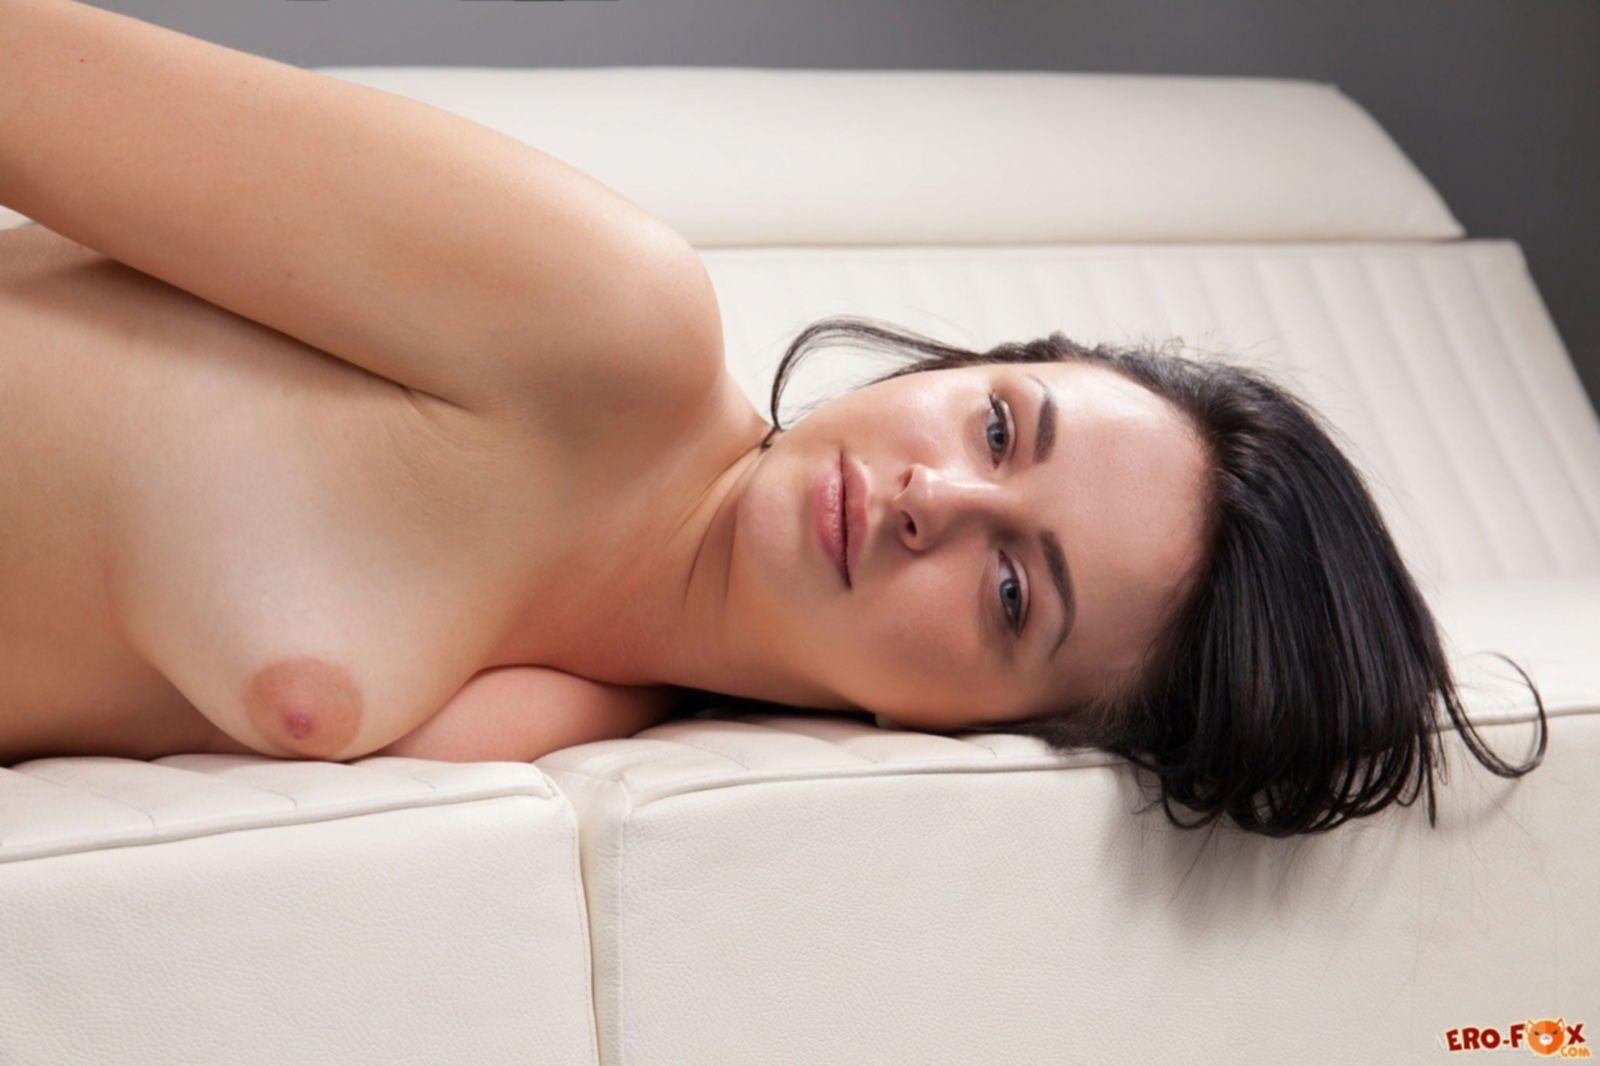 Девушка без трусов прогнулась раком на диване - фото